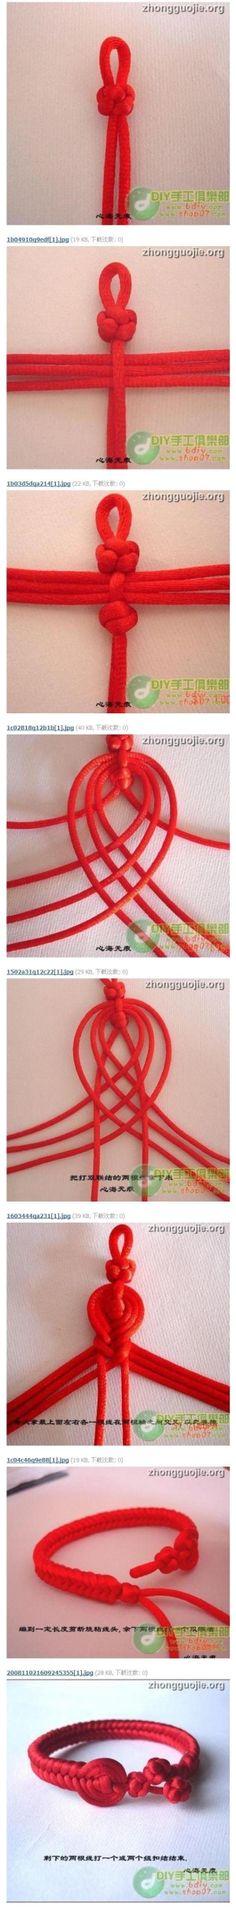 DIY Lucky Knot Bracelet DIY Lucky Knot Bracelet by diyforever